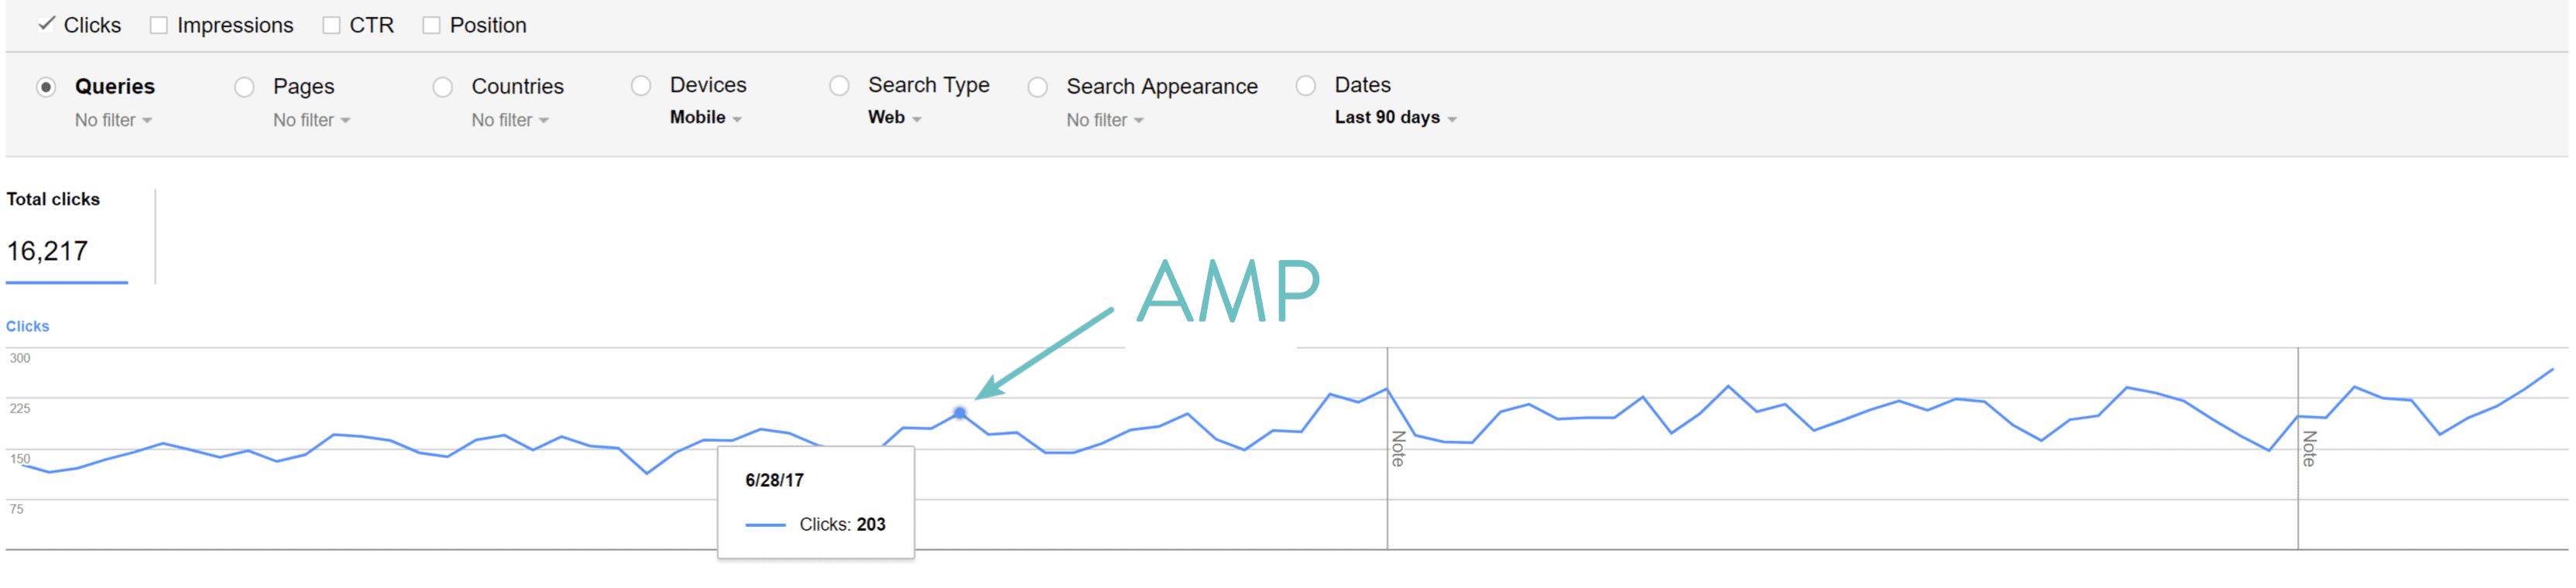 Google AMP Klicks